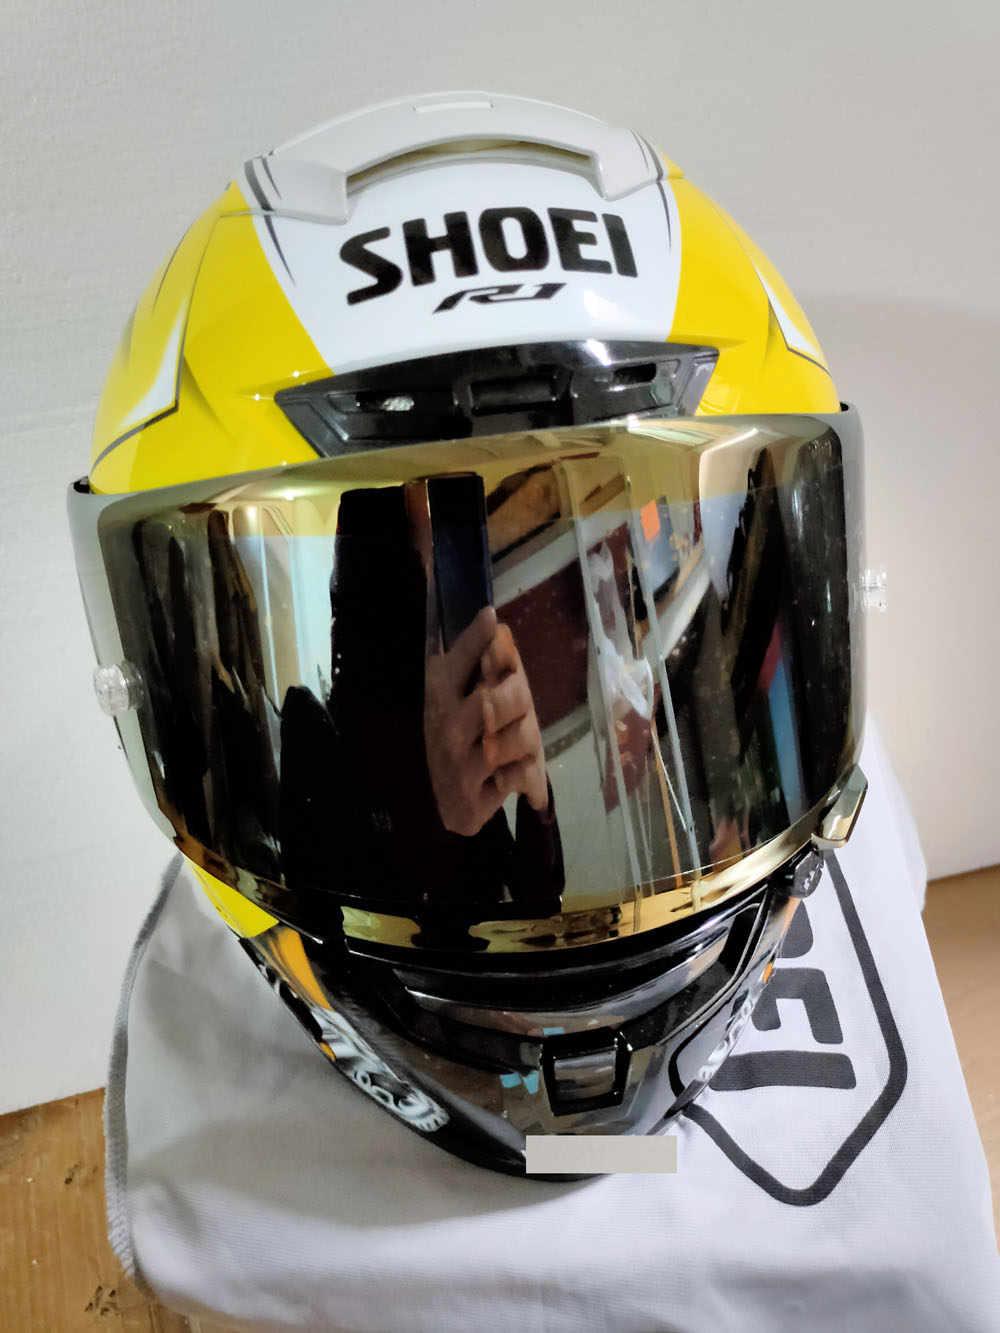 Özel fiyat satış tam yüz kask X14 yamaha R1M altın renk kask siyah karınca sürme Motocross yarış motosiklet kask